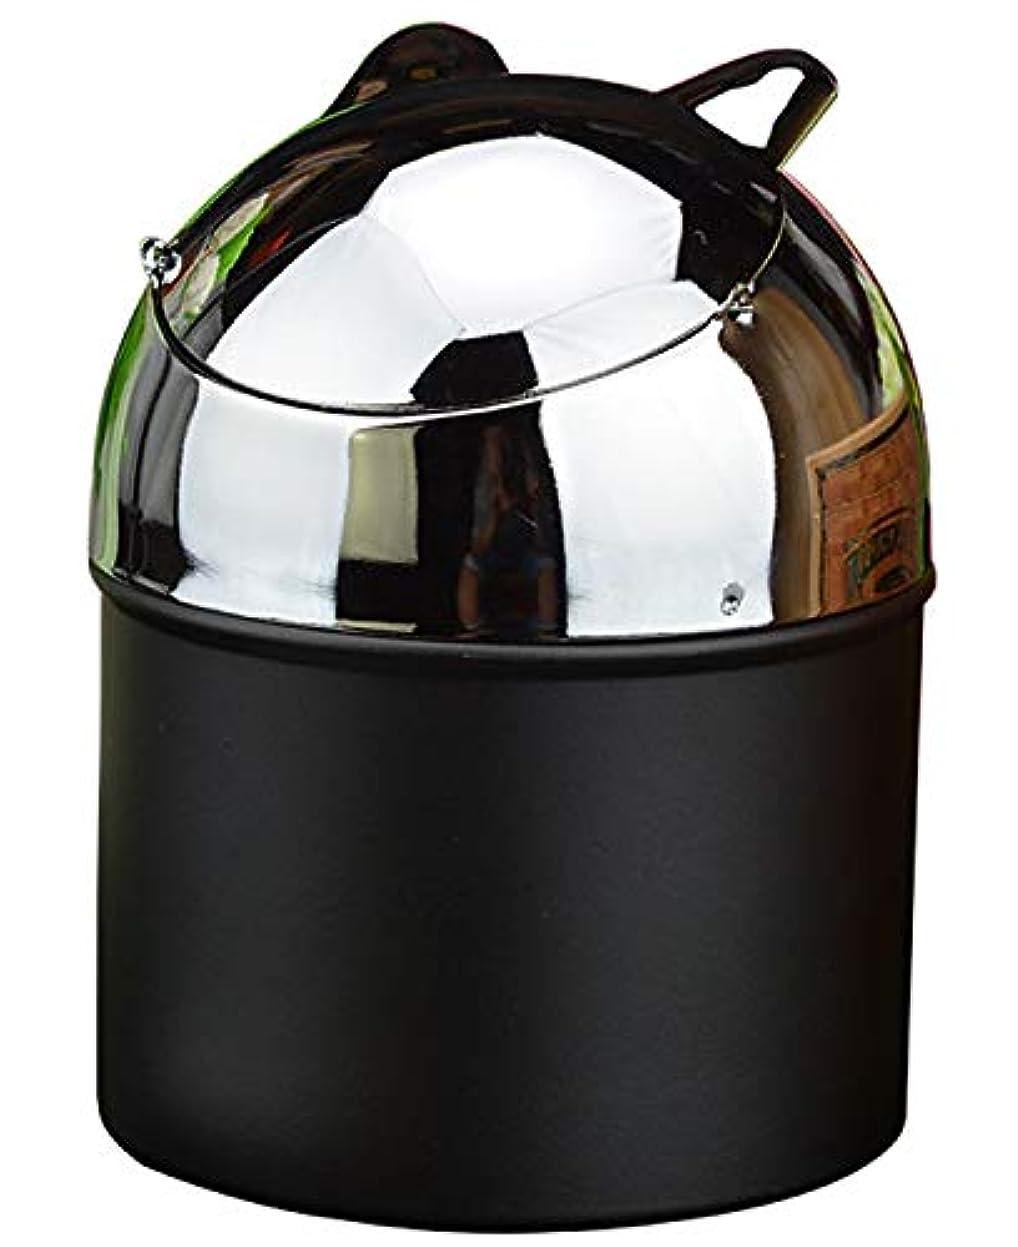 フォルダソーシャル生産的蓋付きのタバコの灰皿、屋外屋内ホームオフィスの使用のための金属隠し灰皿(黒)